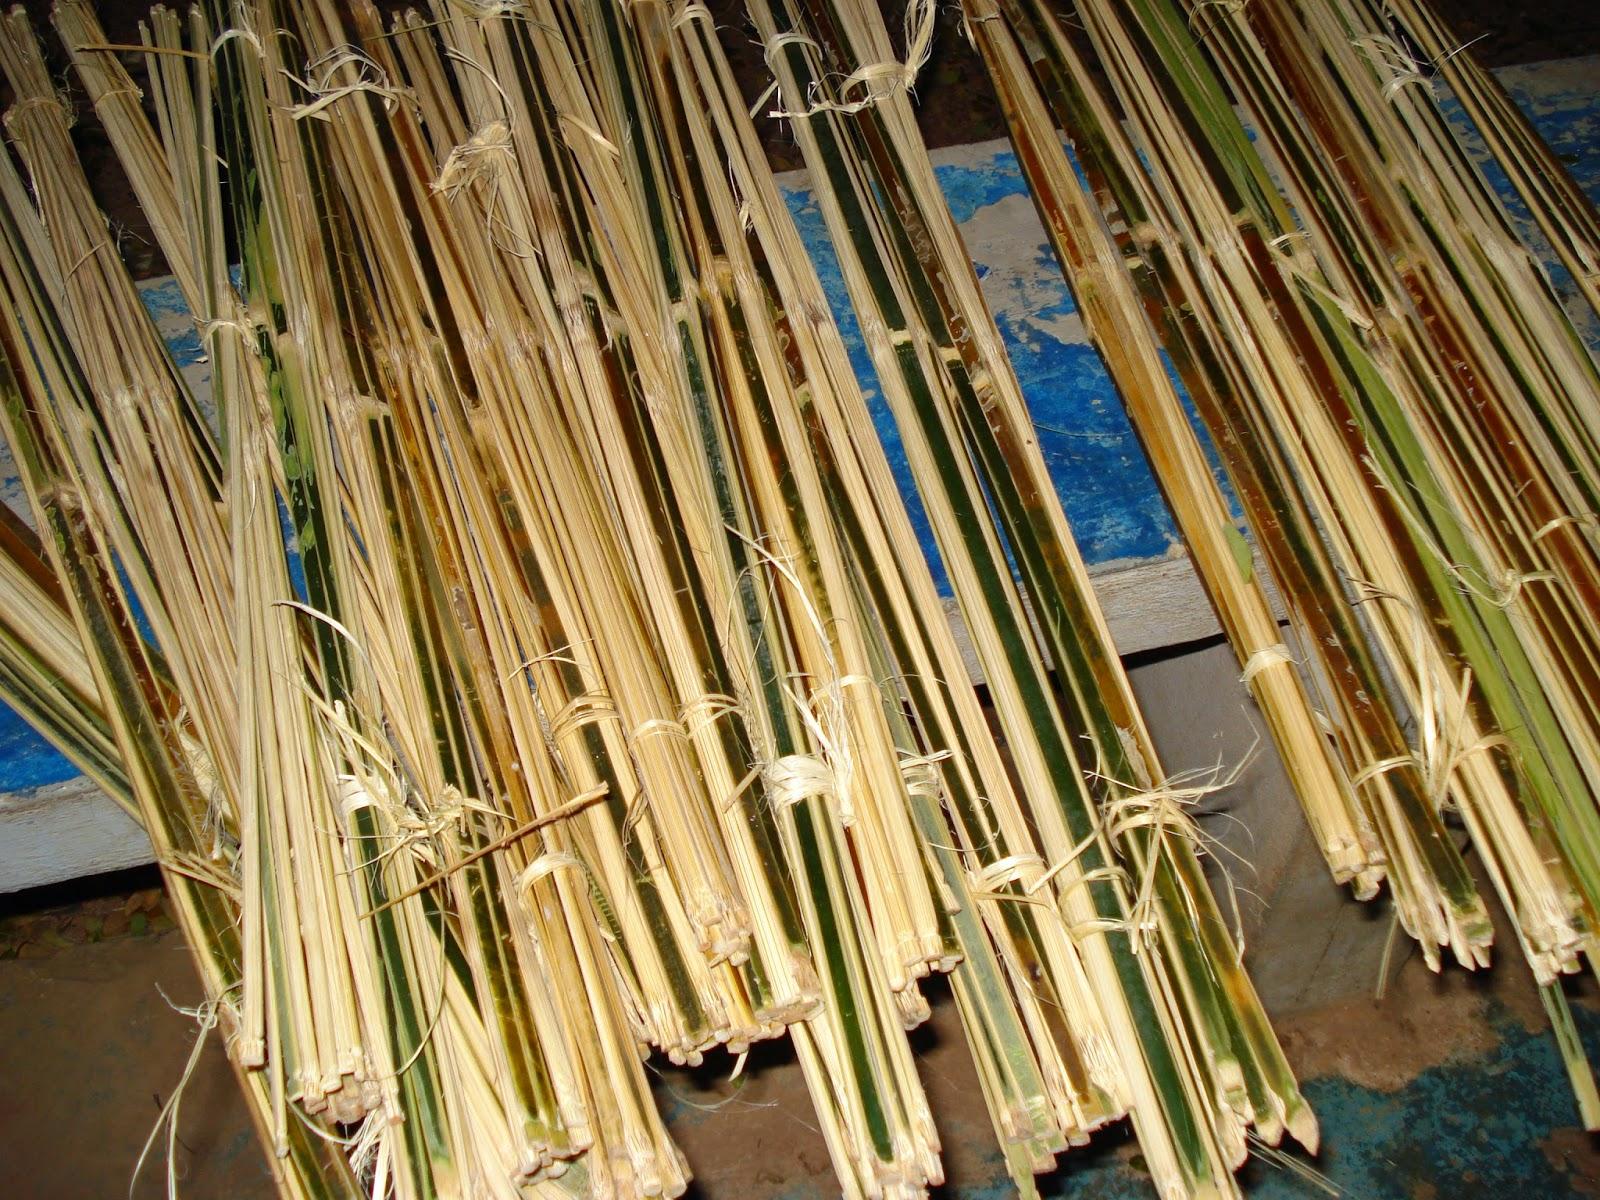 Láminas de bambú